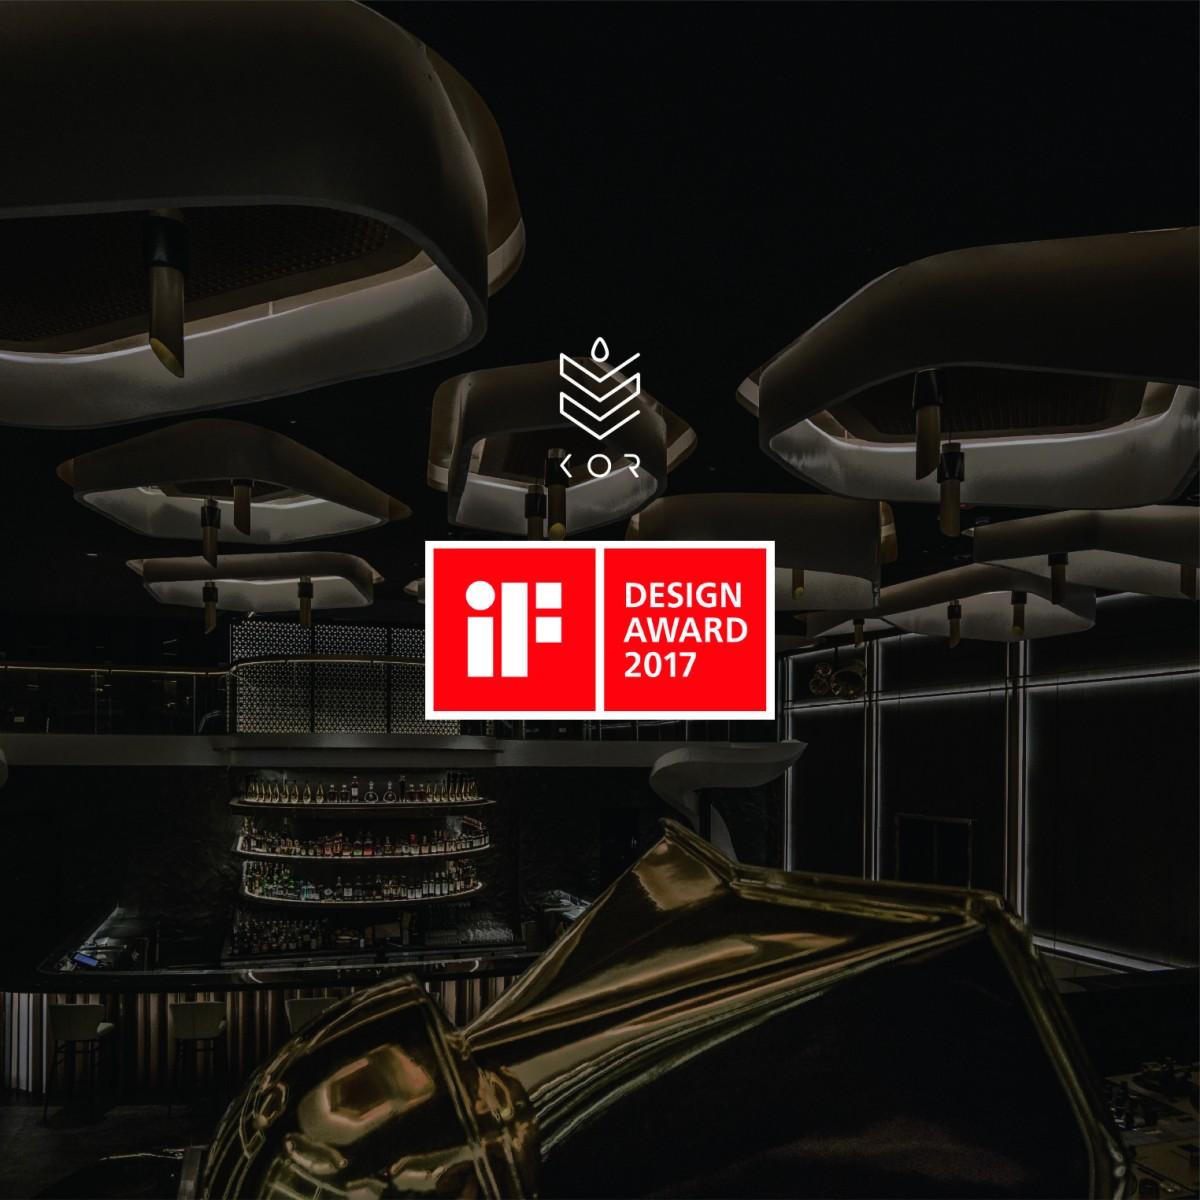 台灣 KOR Taipei 成為亞洲史上第一間獲德國 iF 設計大獎酒吧